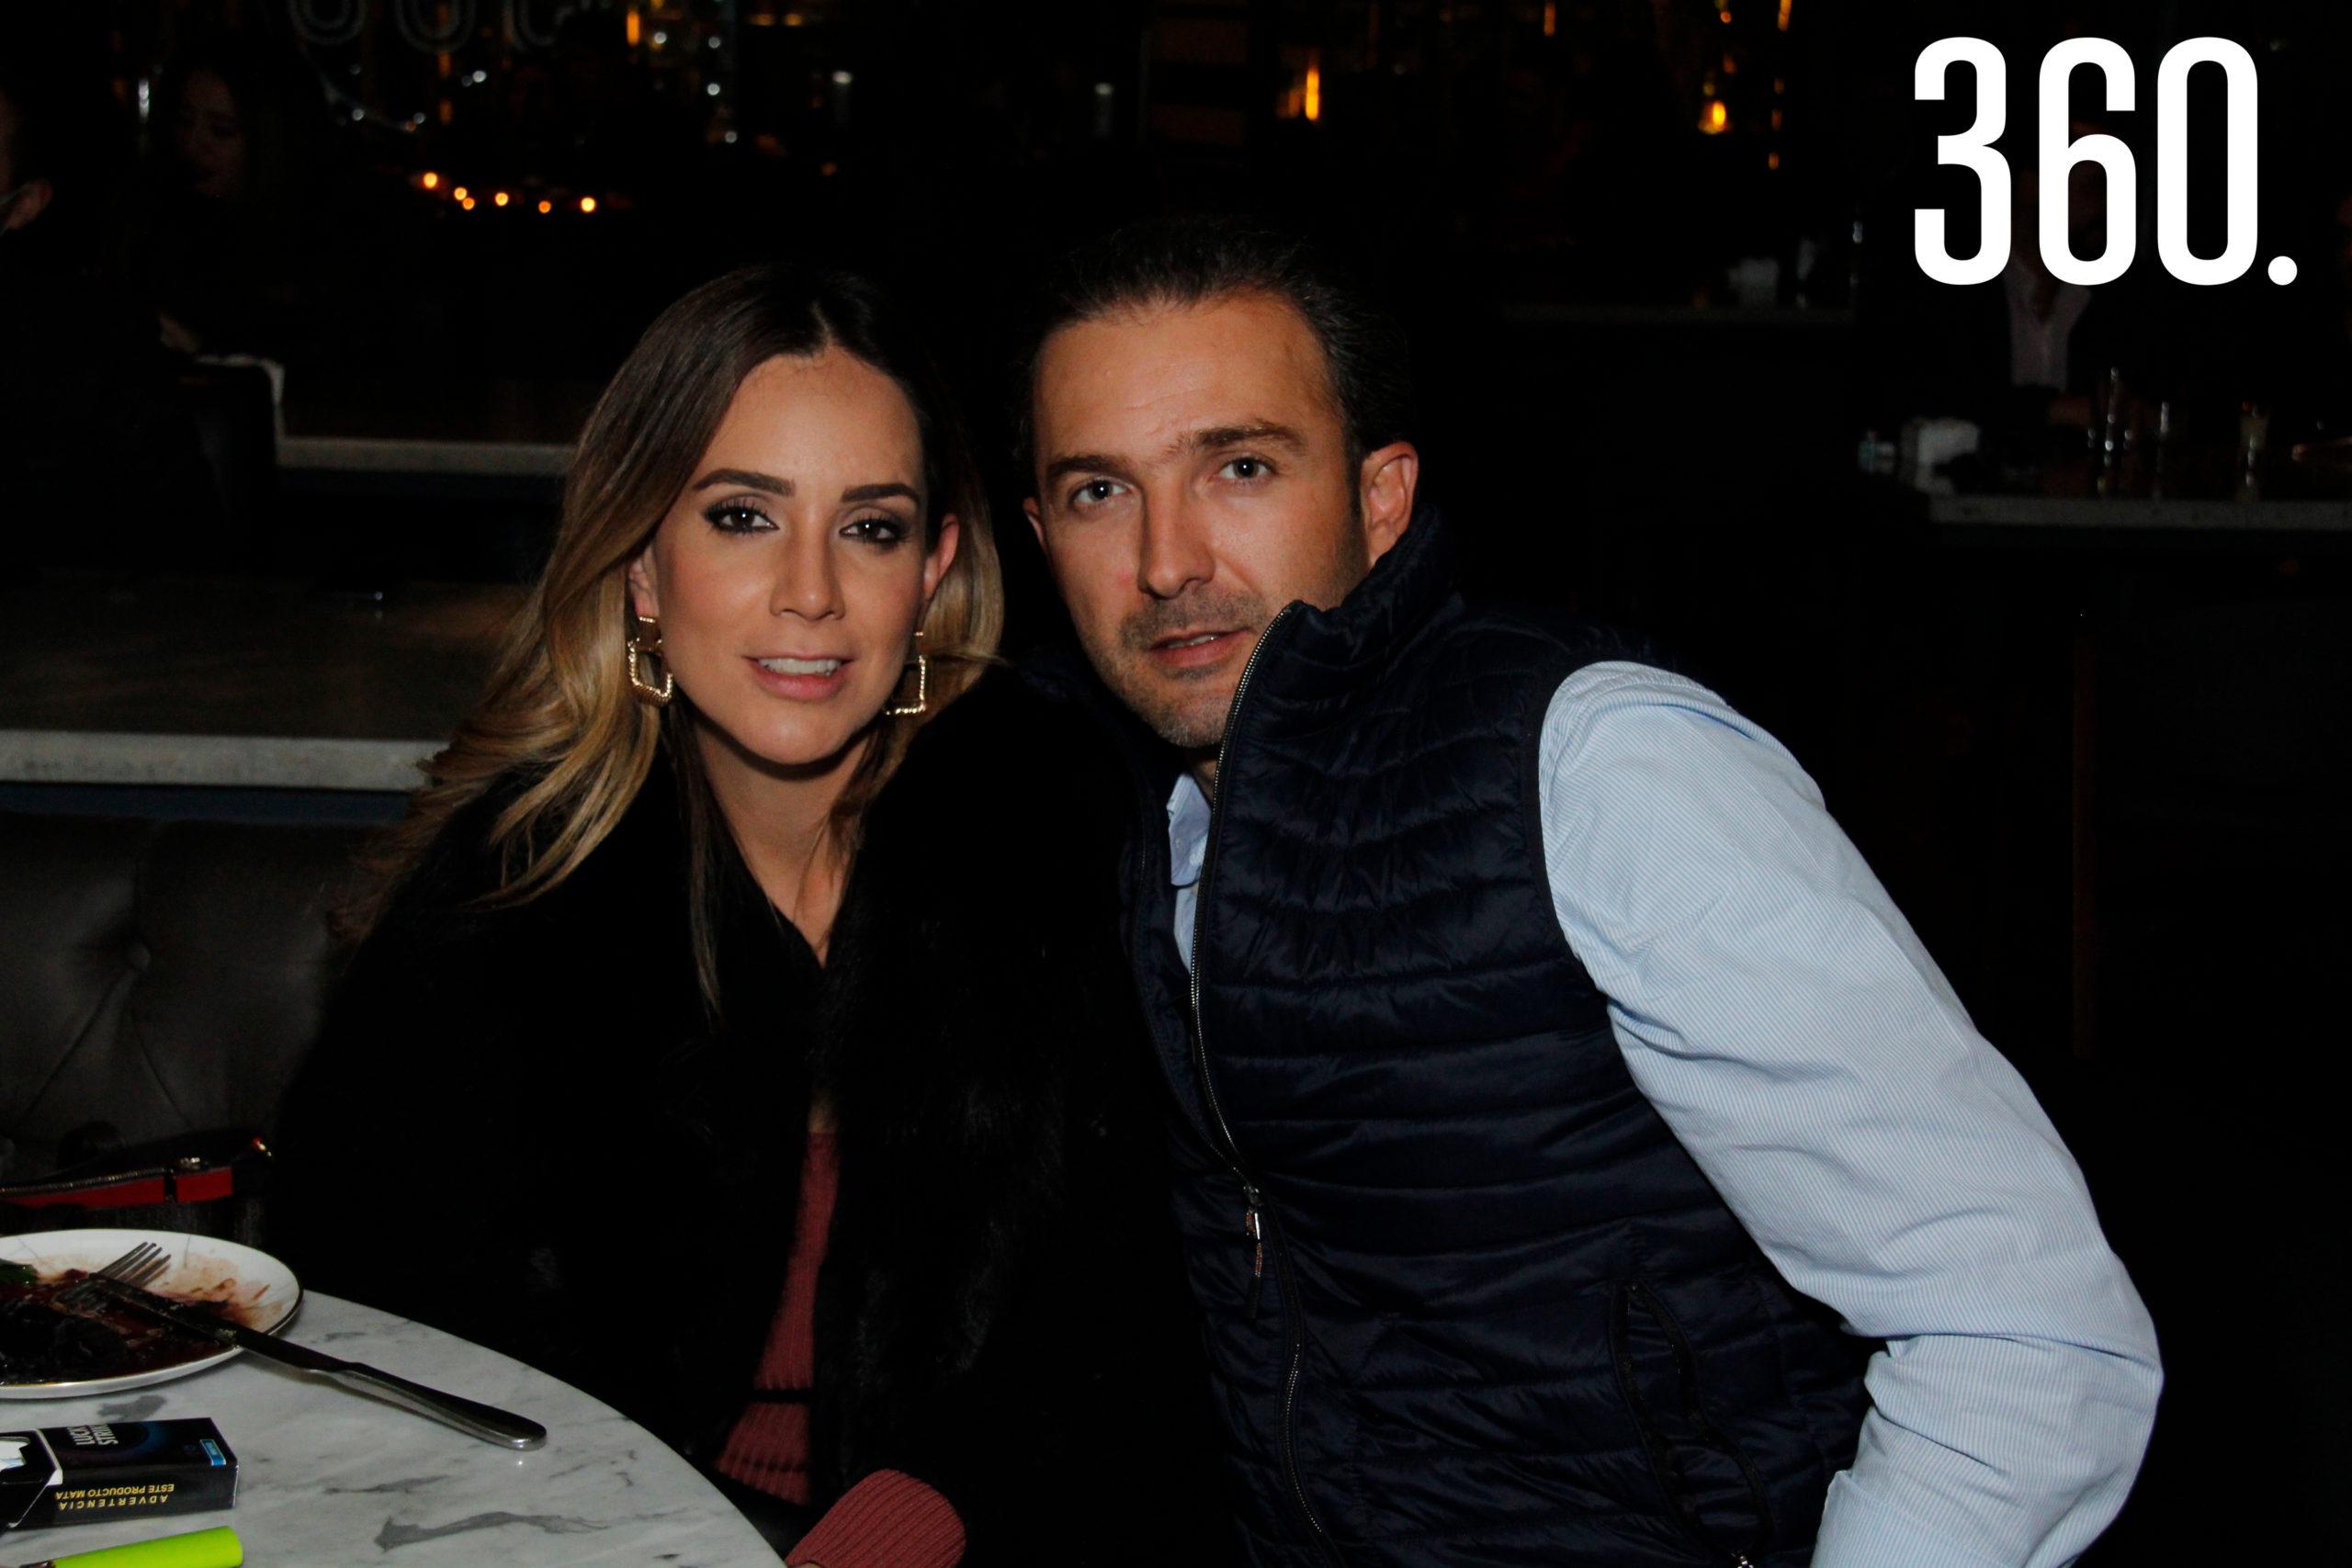 Carlos y Lily Arzamendi celebraron su amor en el restaurante El Tapanco.